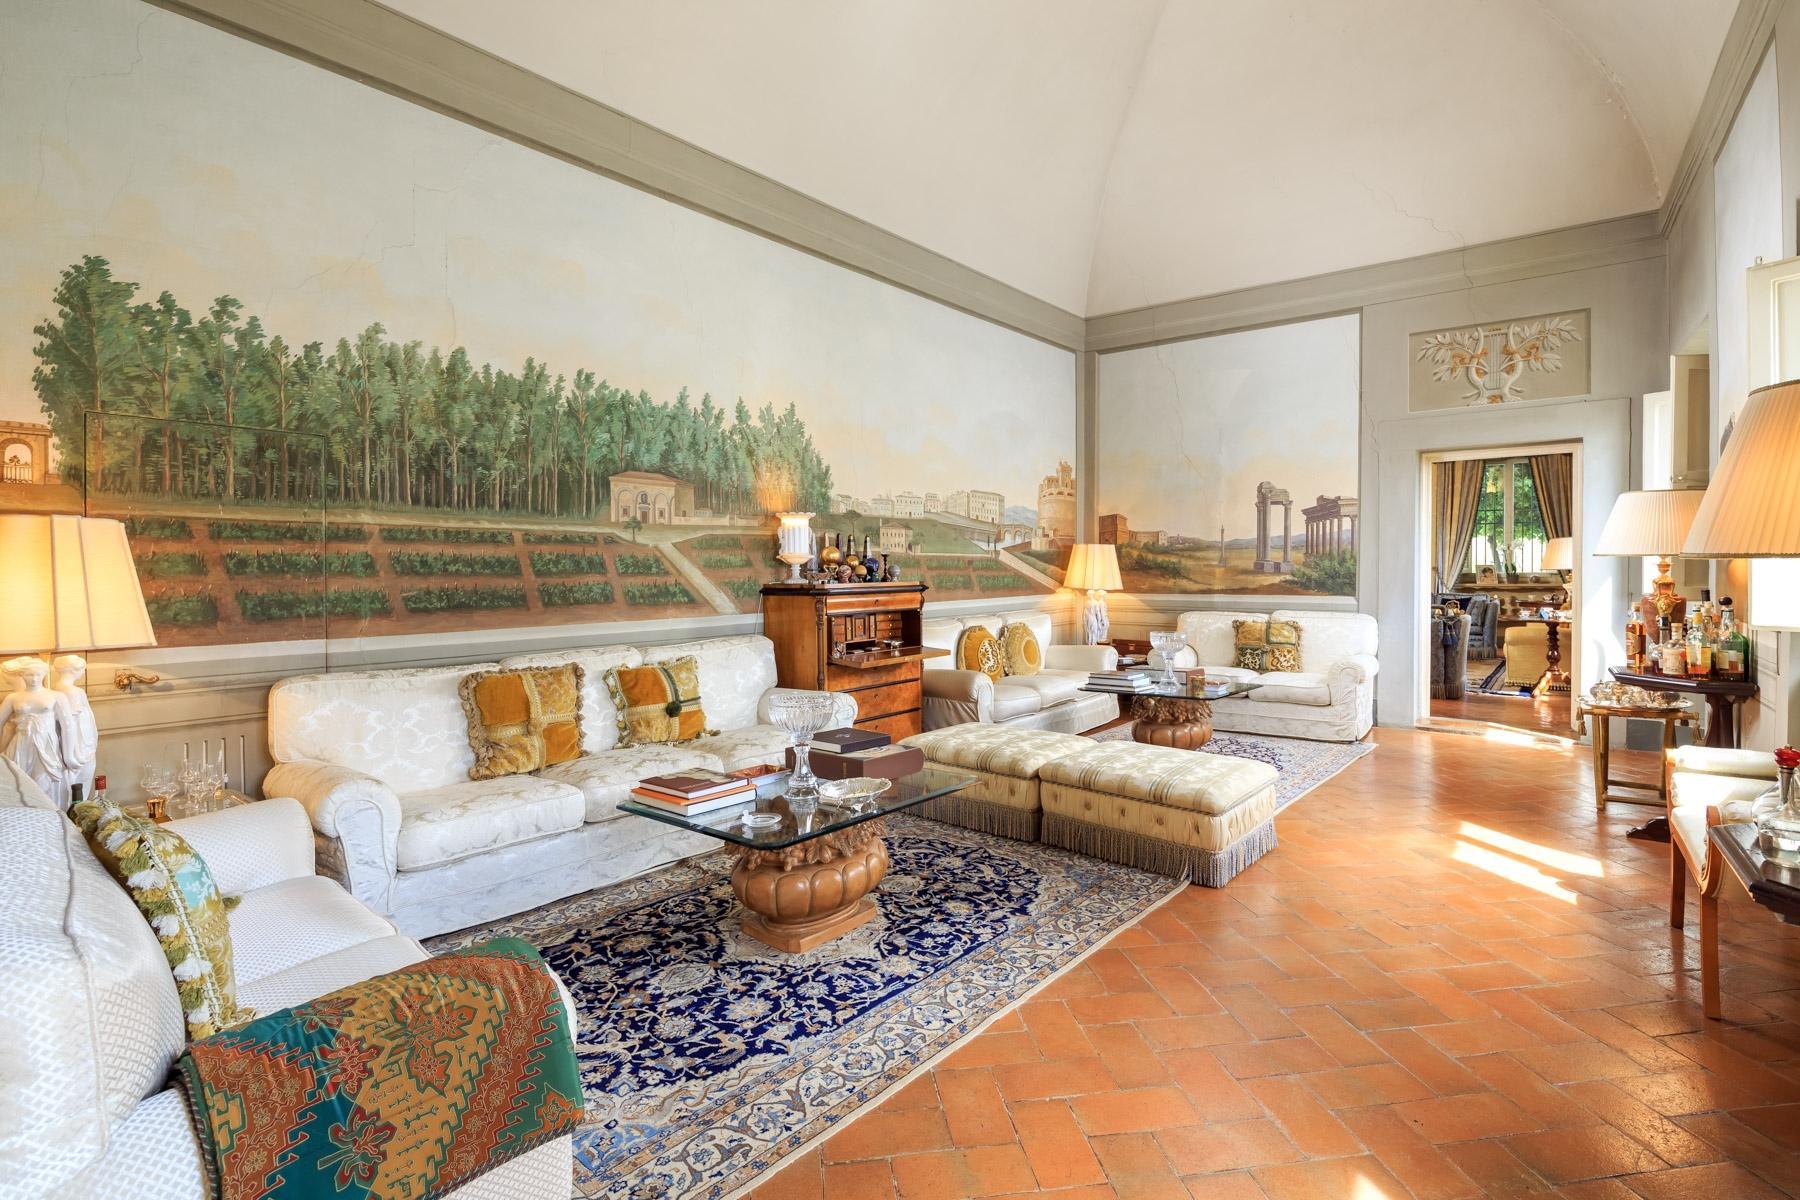 Merveilleuse villa du XVIe siècle - 6